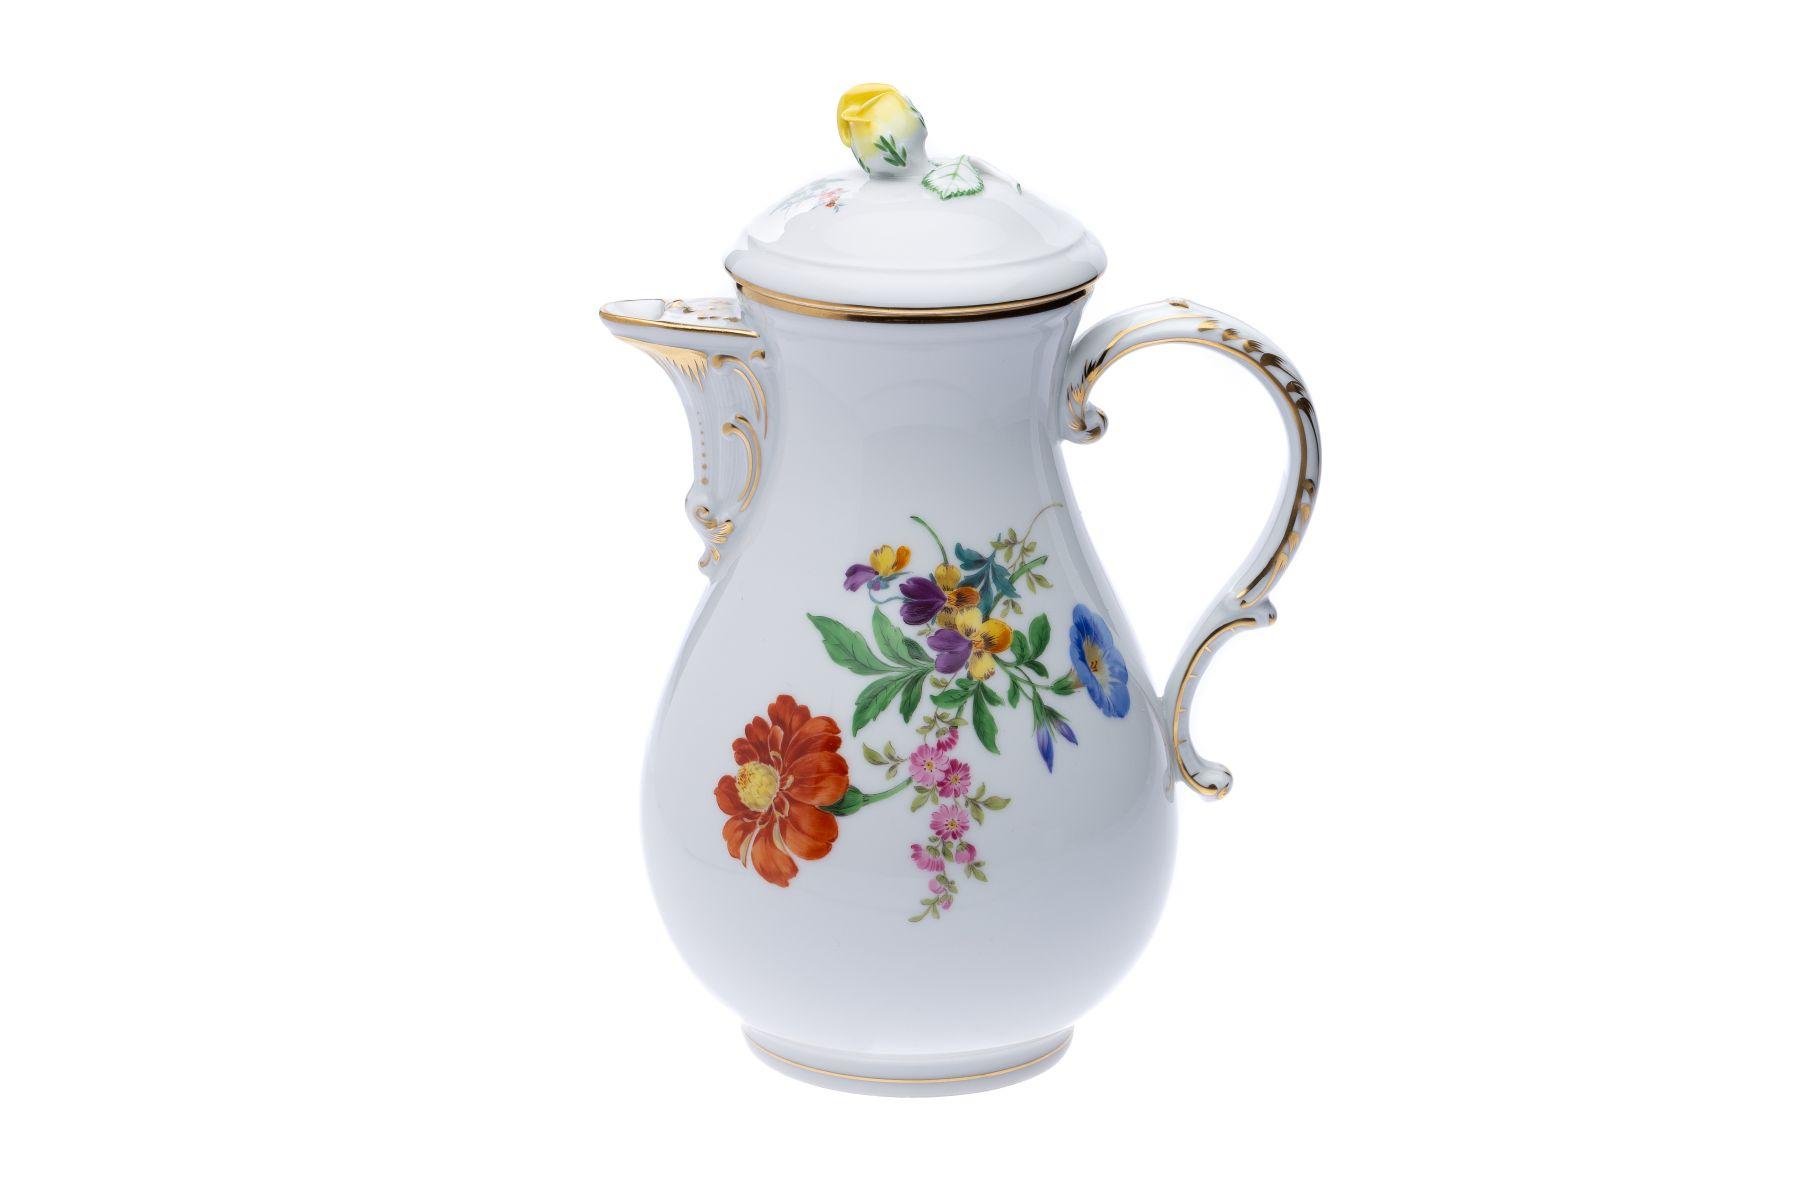 """Meissen Kaffeeservice """"3 Blumen"""" 22 teilig - Bild 14 aus 15"""